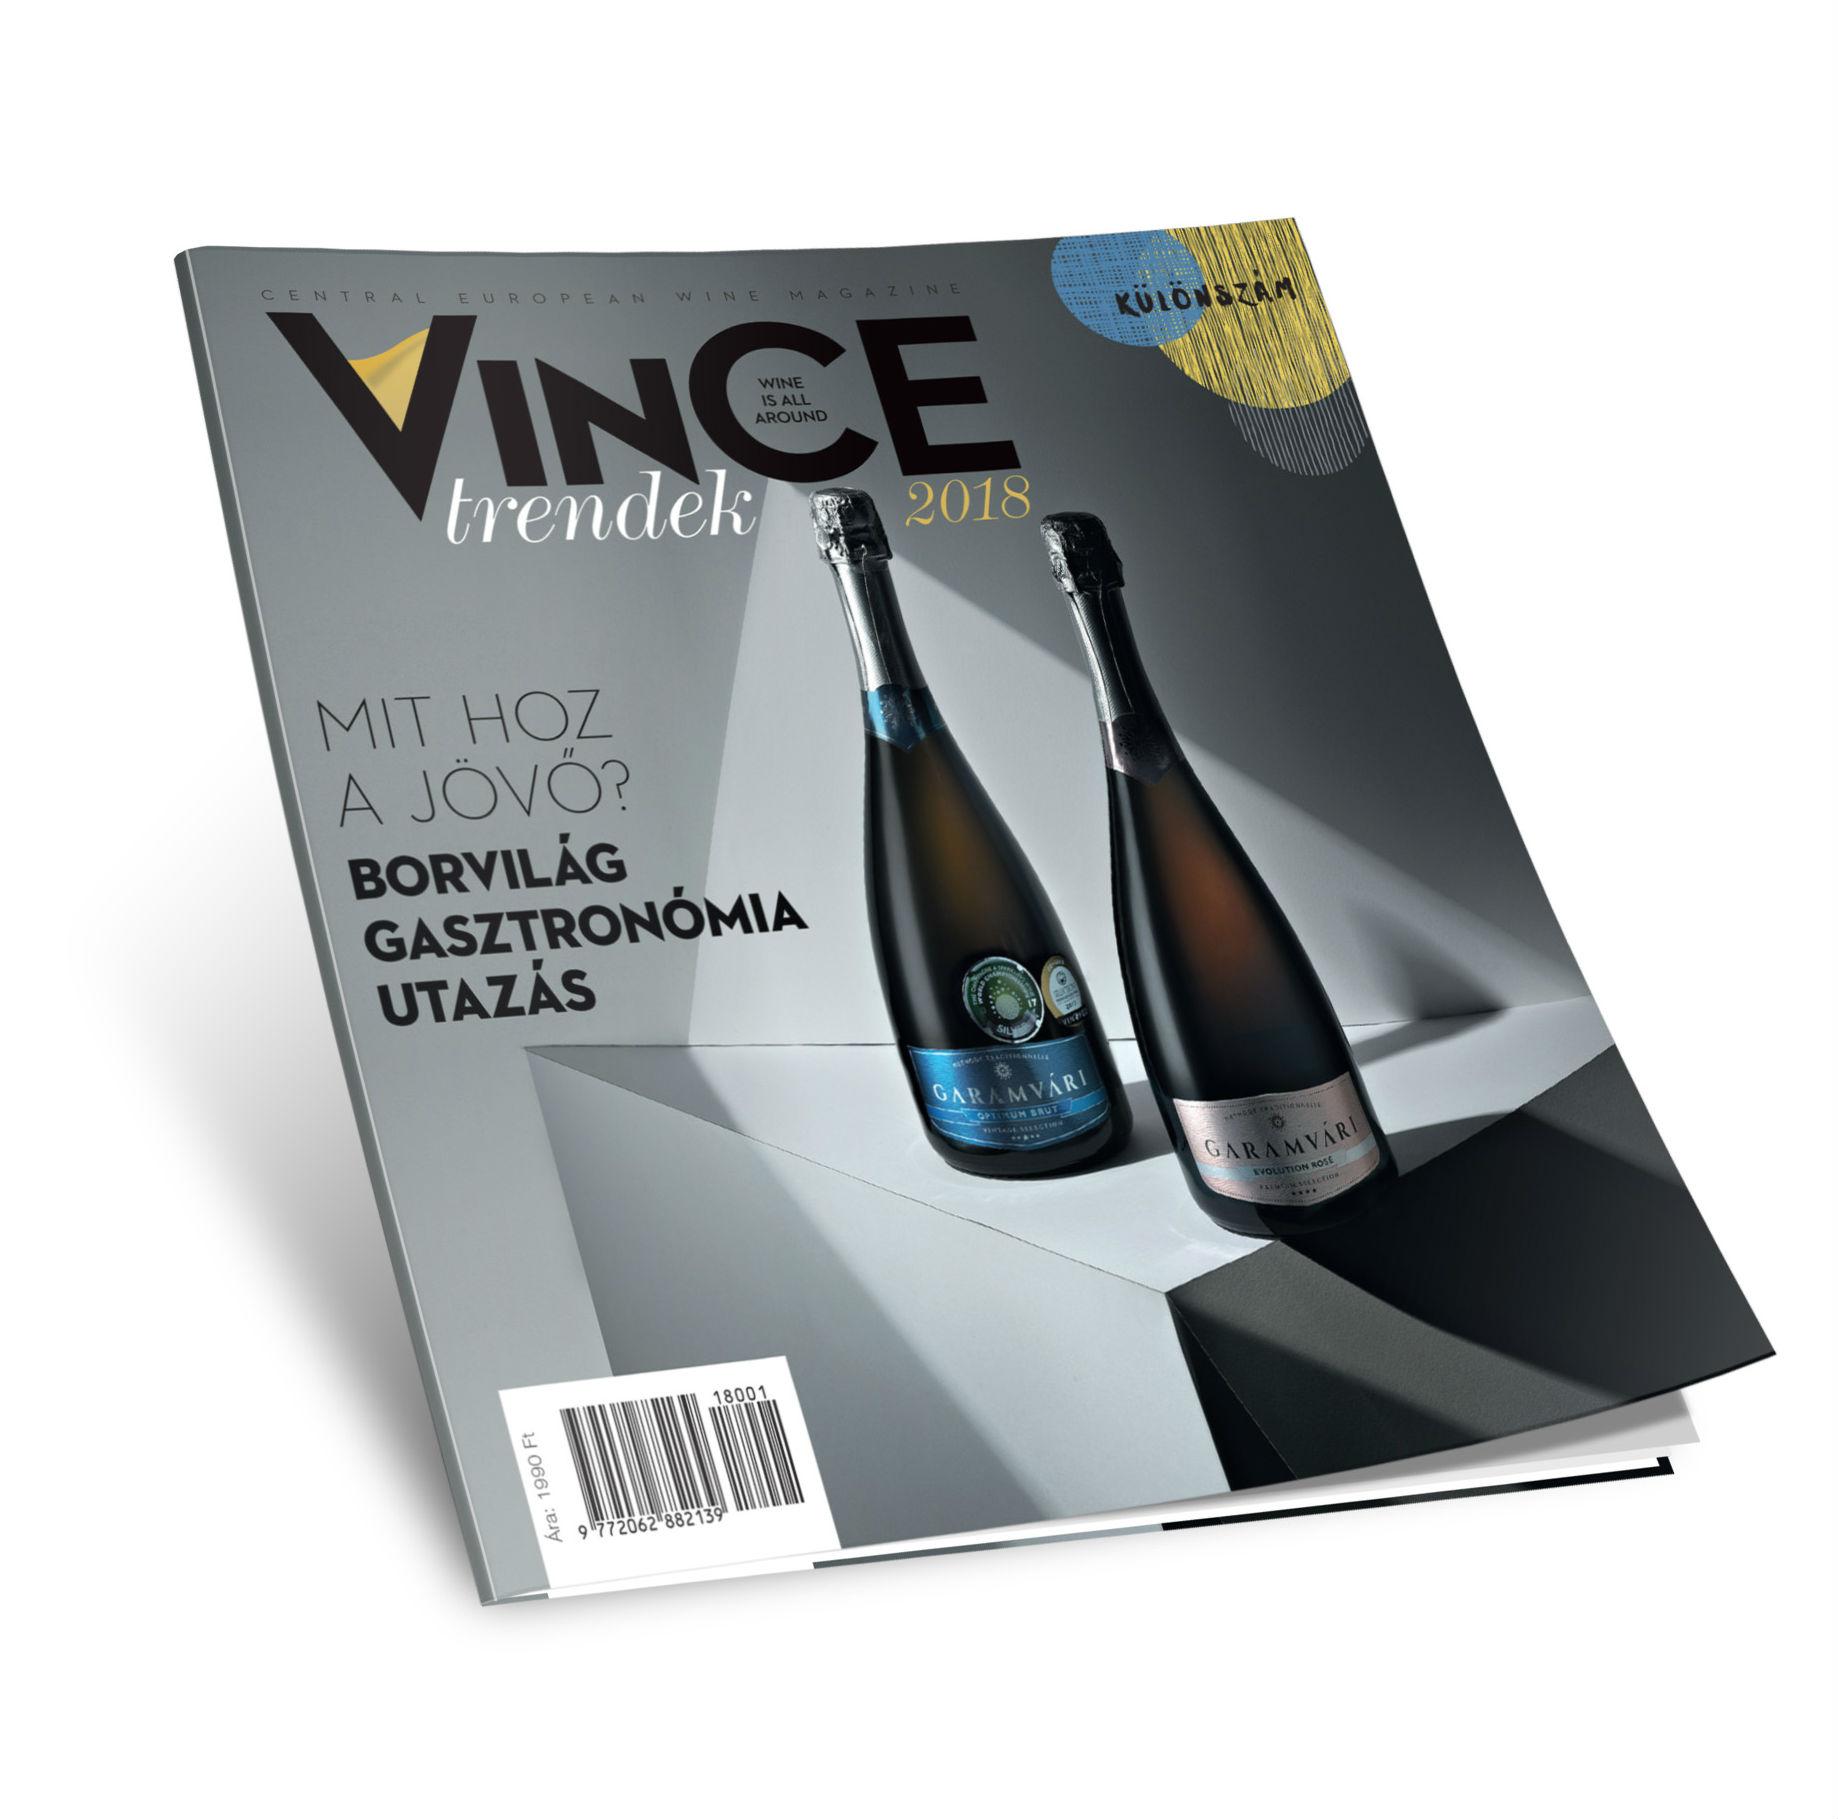 Mit hoz a jövő a borvilágban? A VinCE Magazin különszámából kiderül!